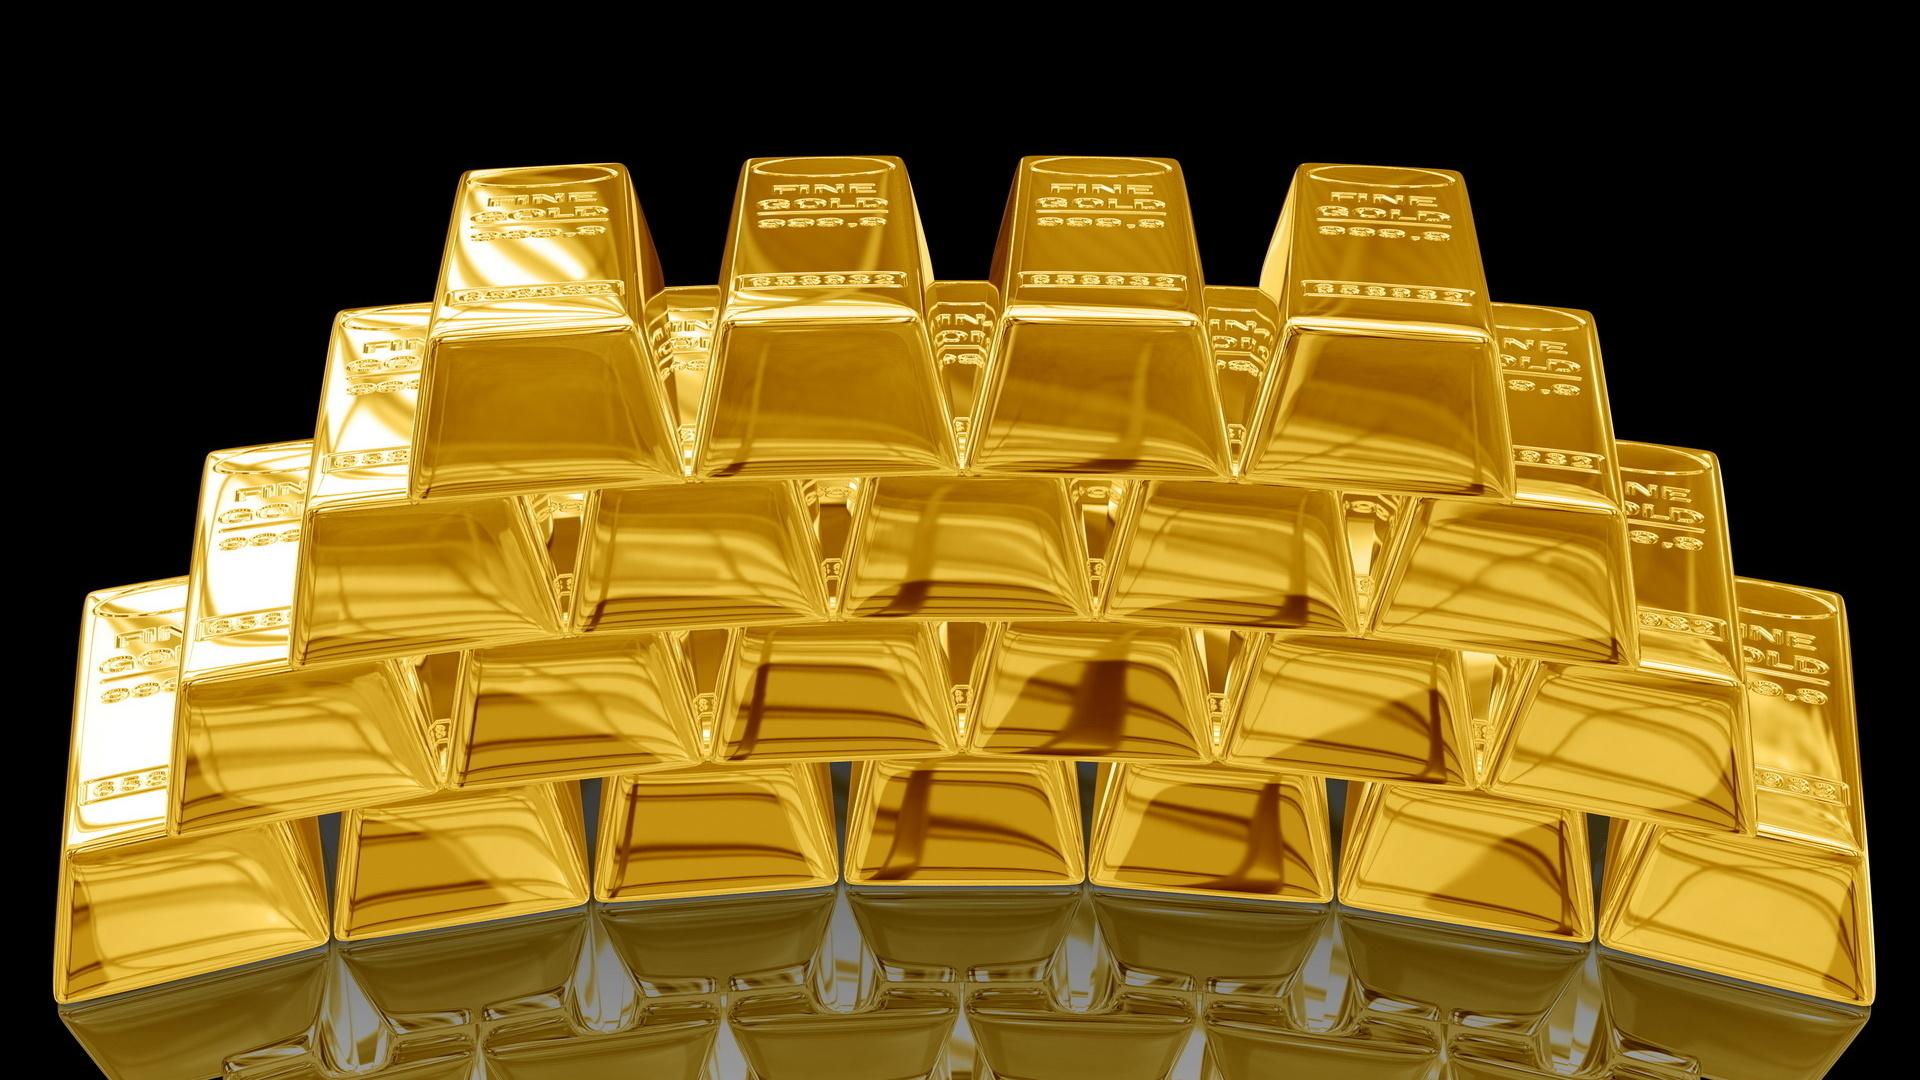 золото много картинка папку или нужные